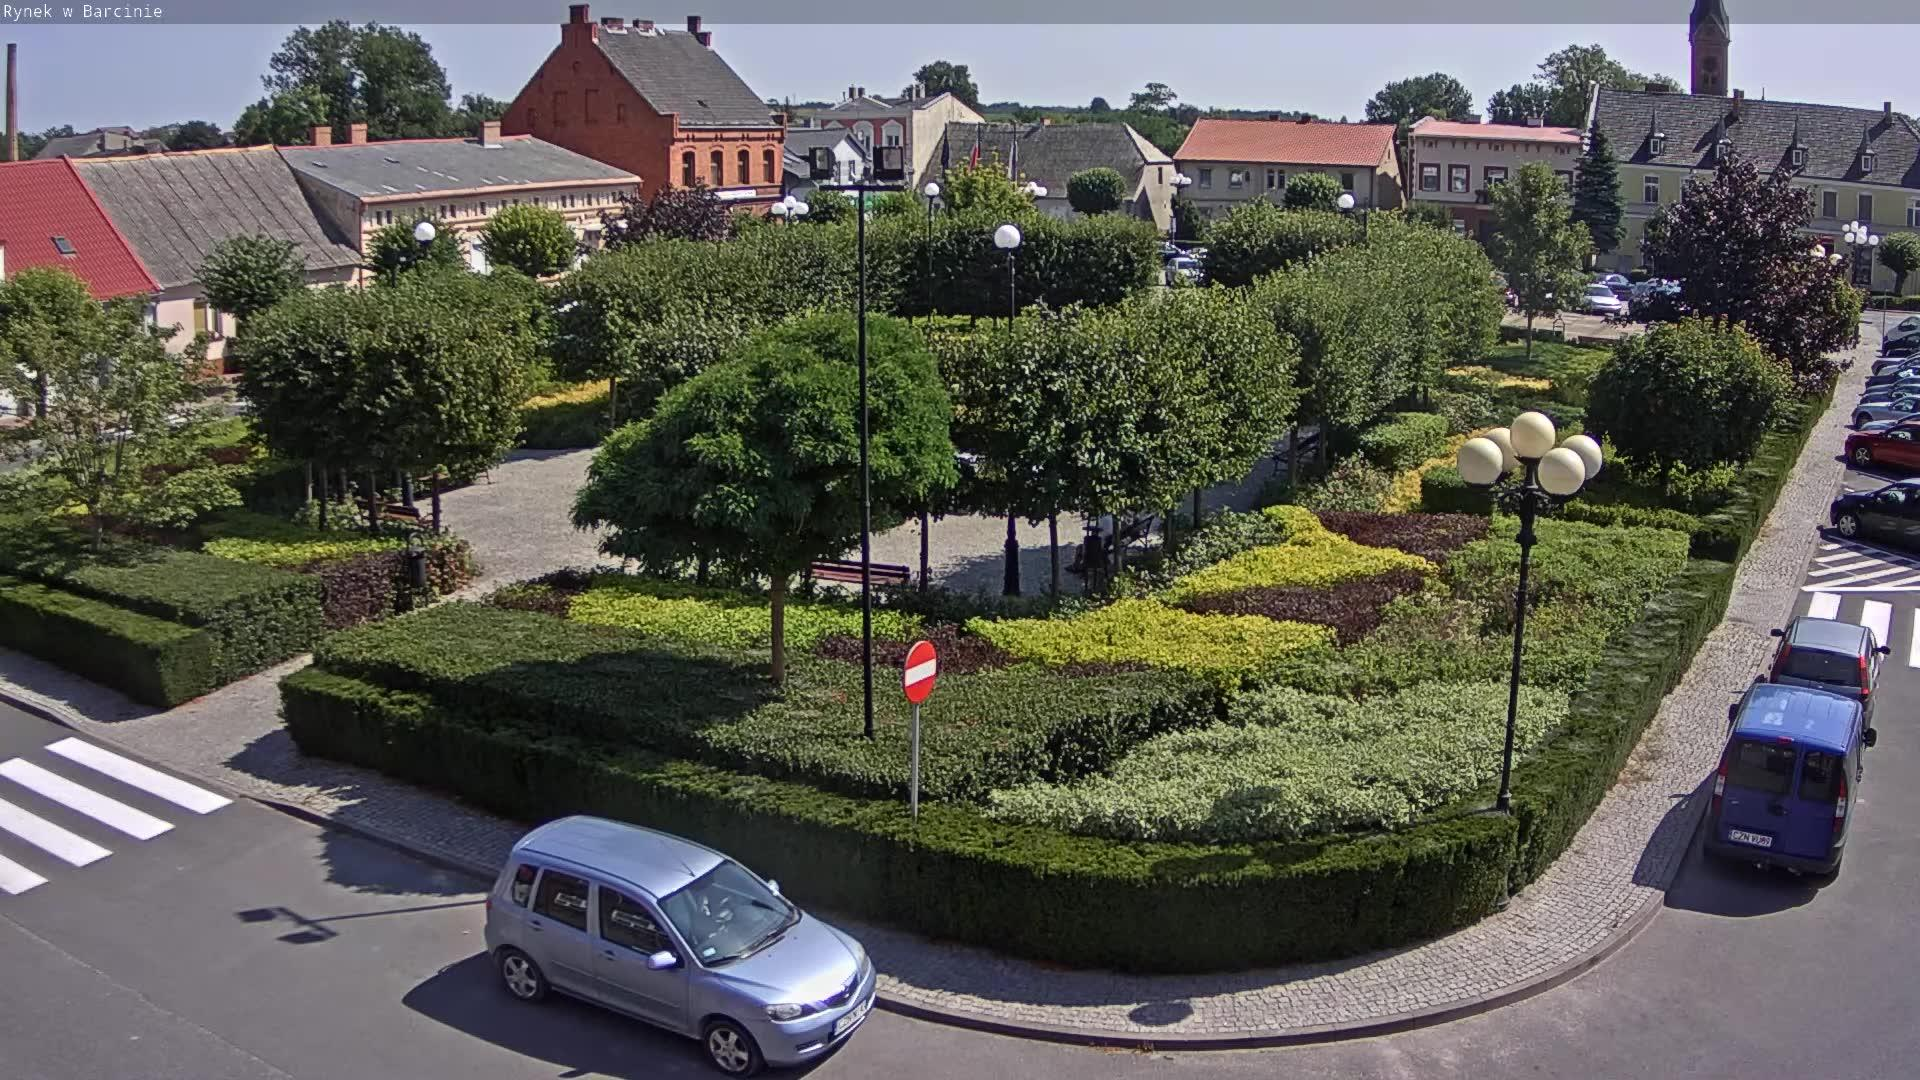 Webcam Barcin: Market square